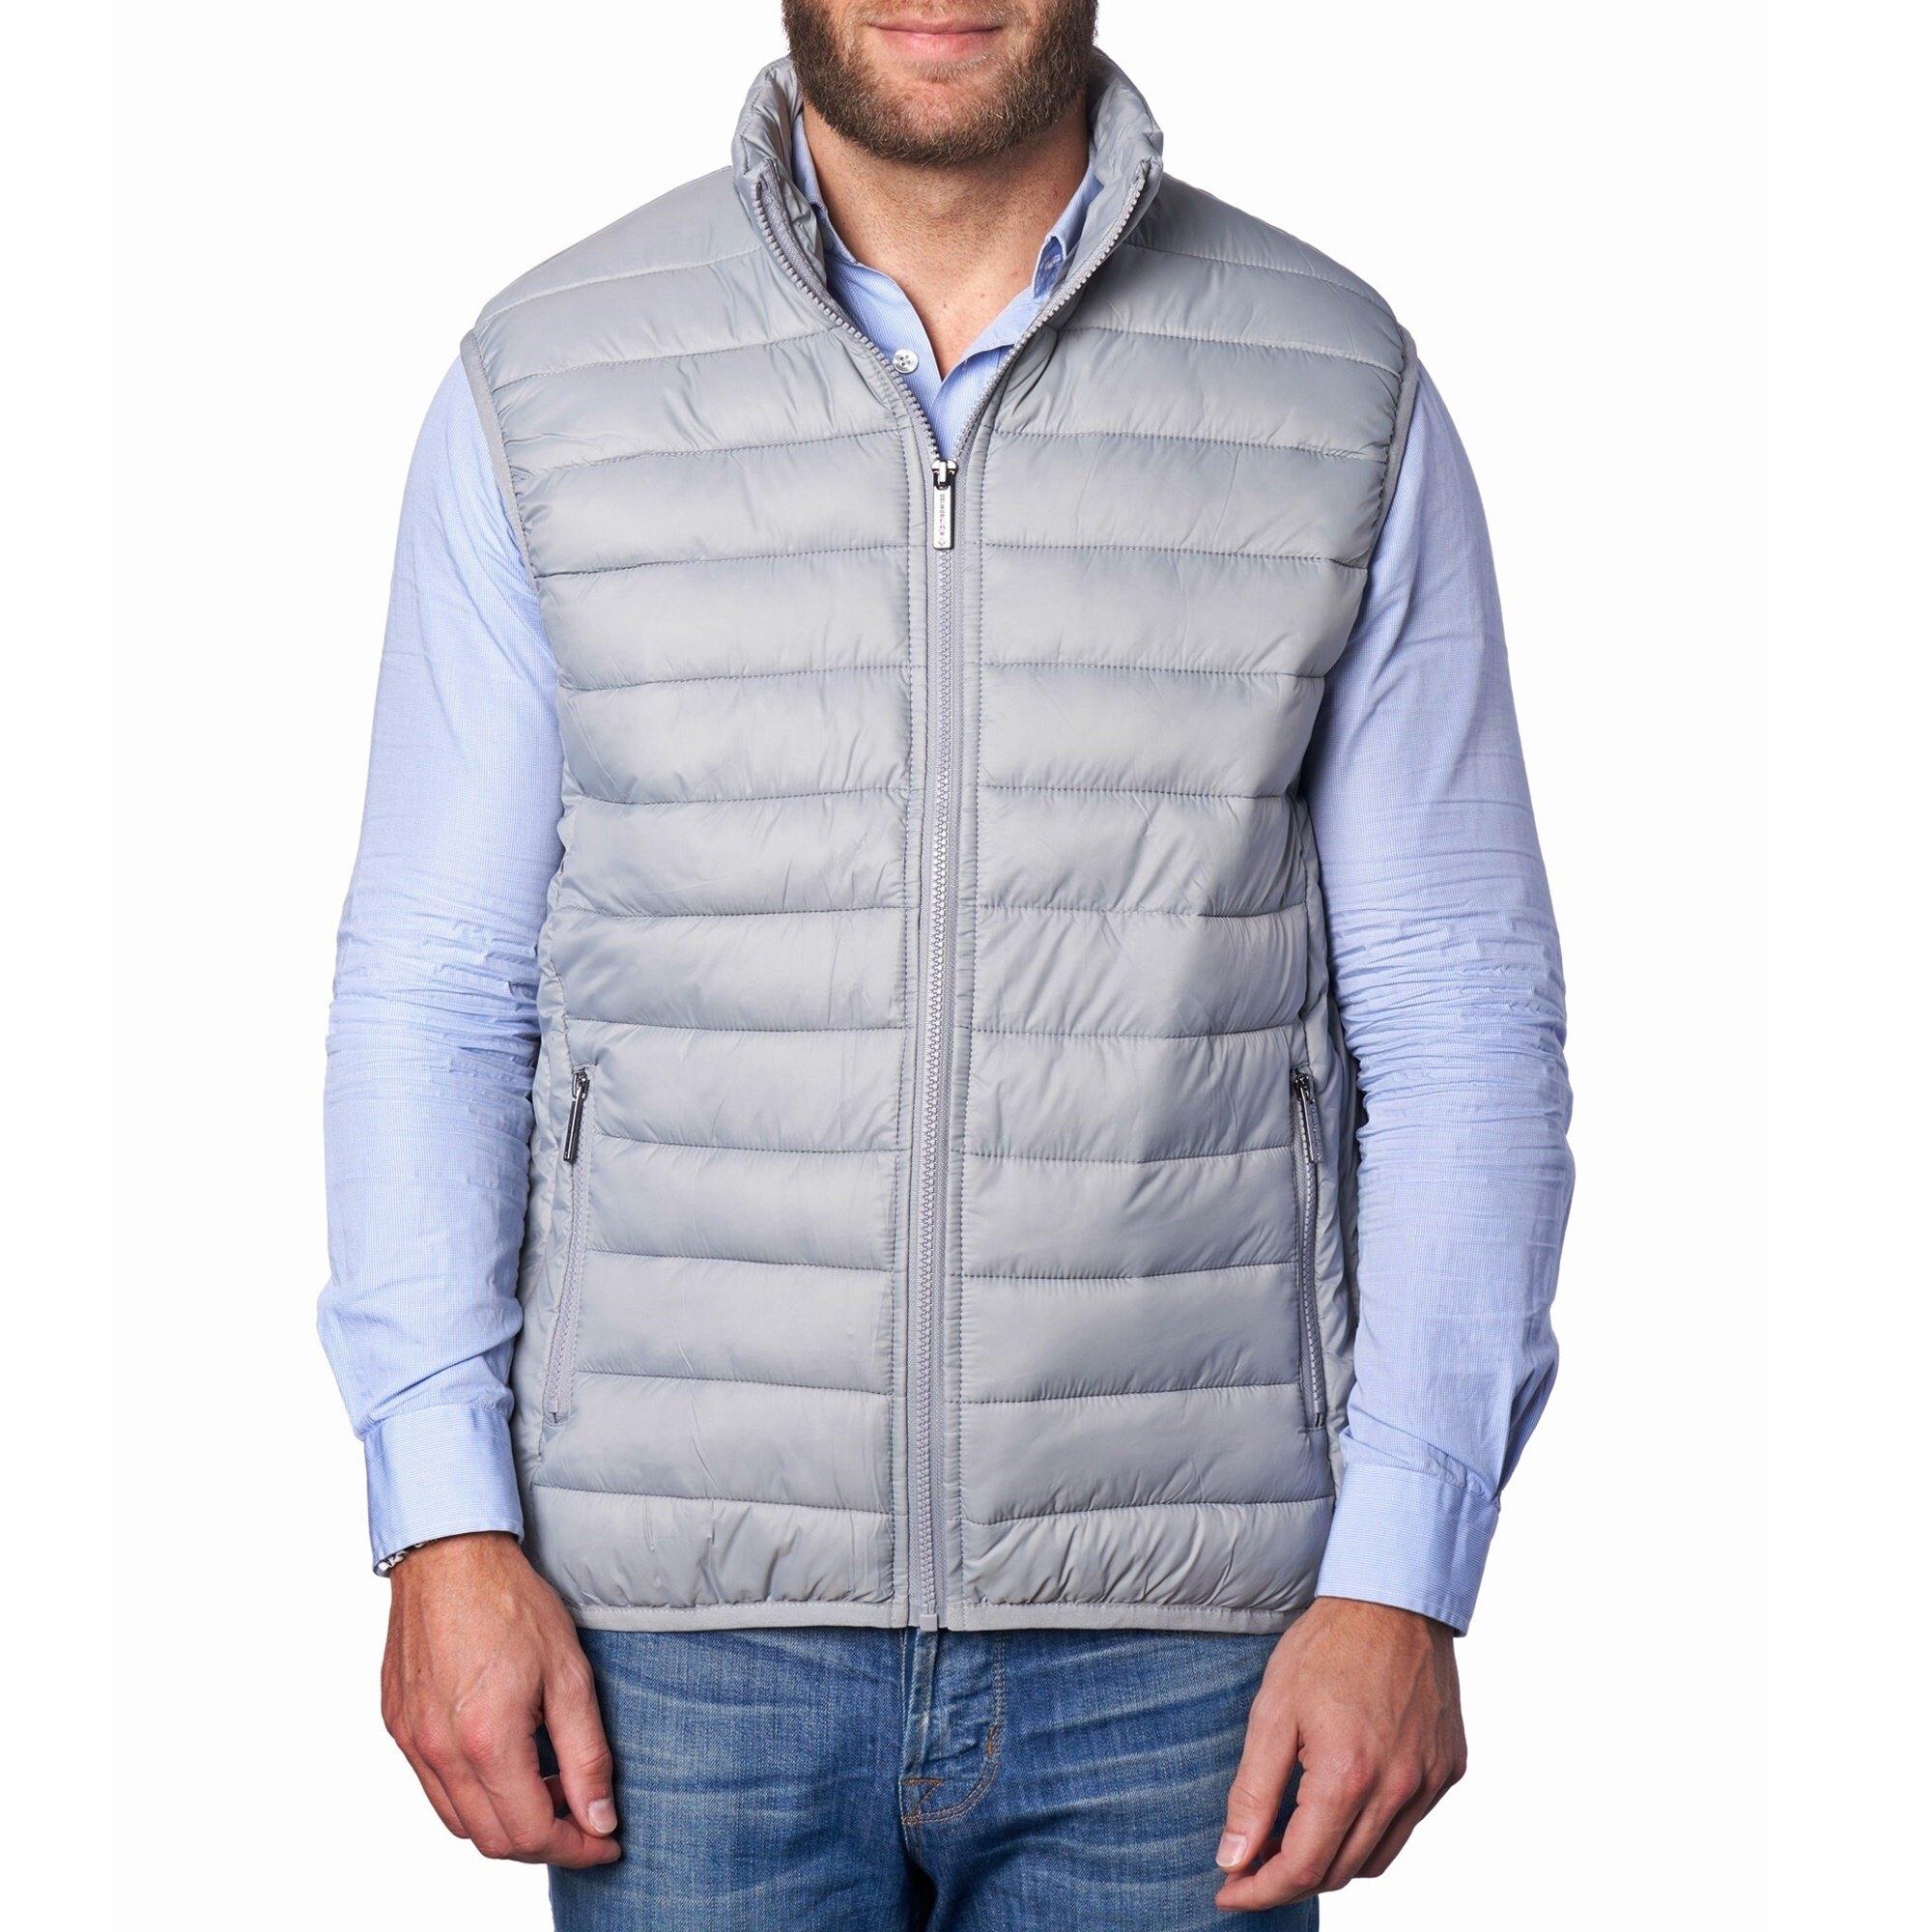 Clark Down Alternative Vest  by Alpine Swiss - Get 15% Back in Rakuten points ($3.60)! $24.99